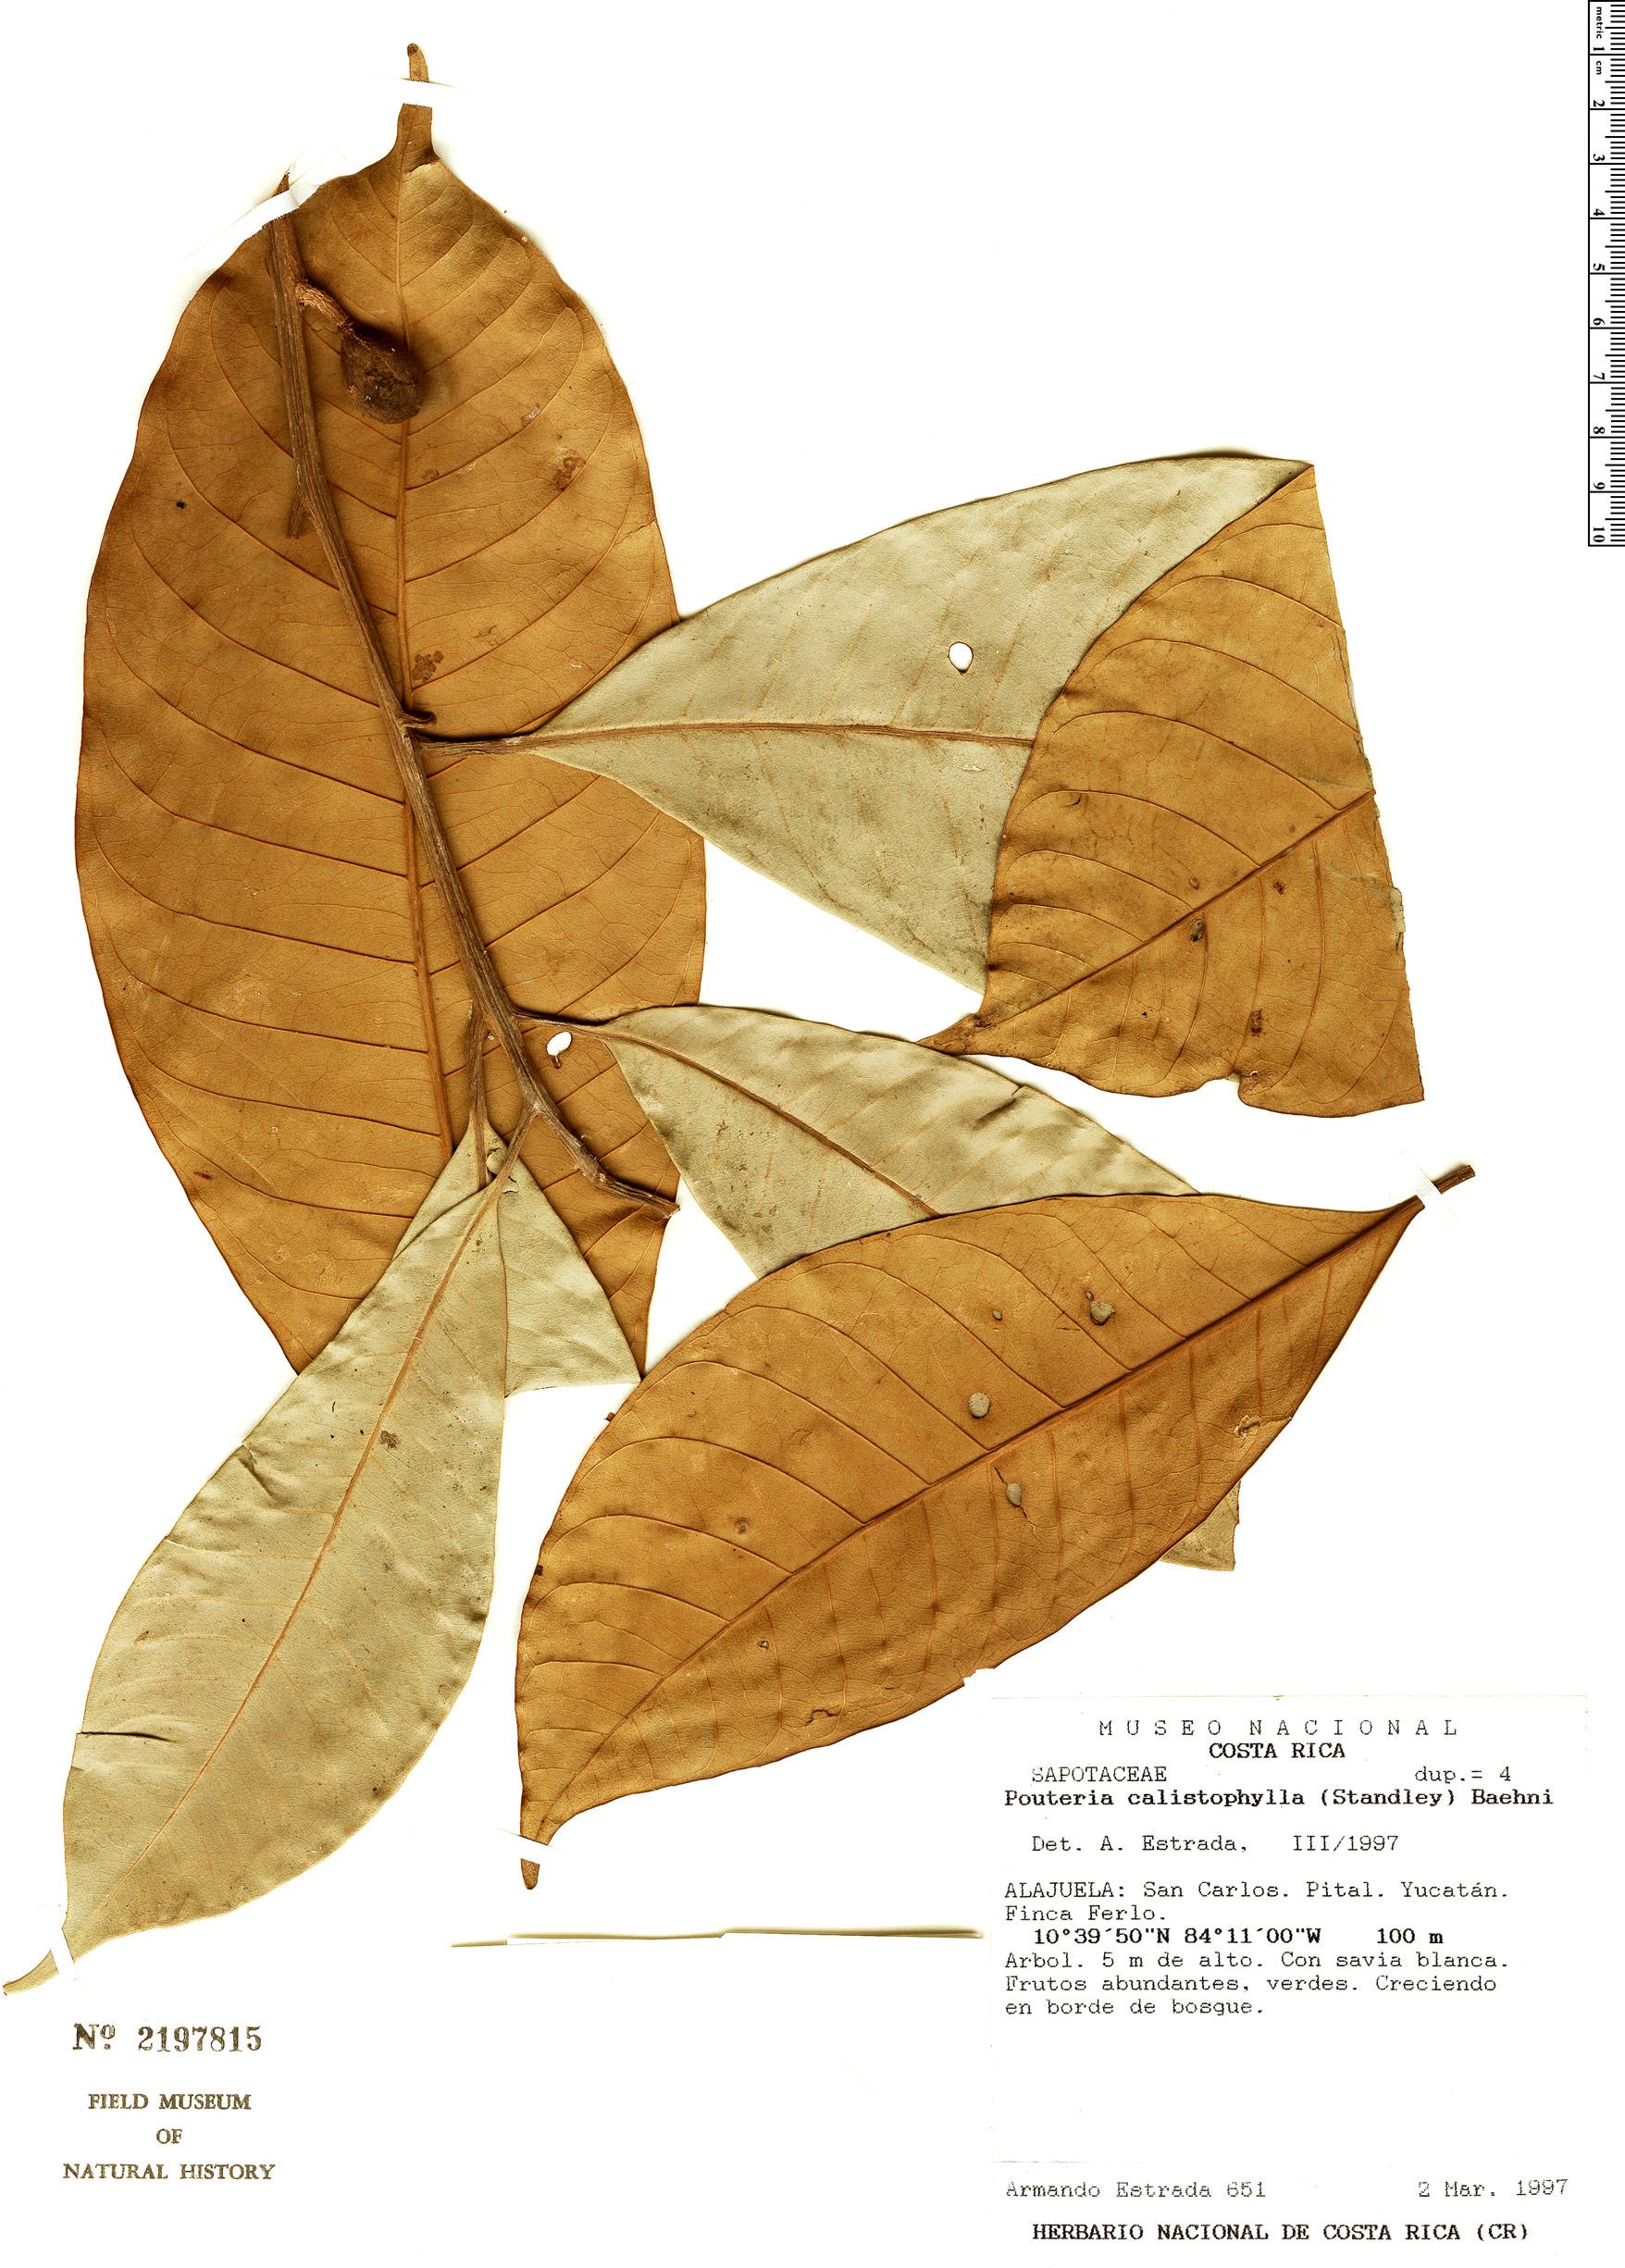 Espécime: Pouteria calistophylla